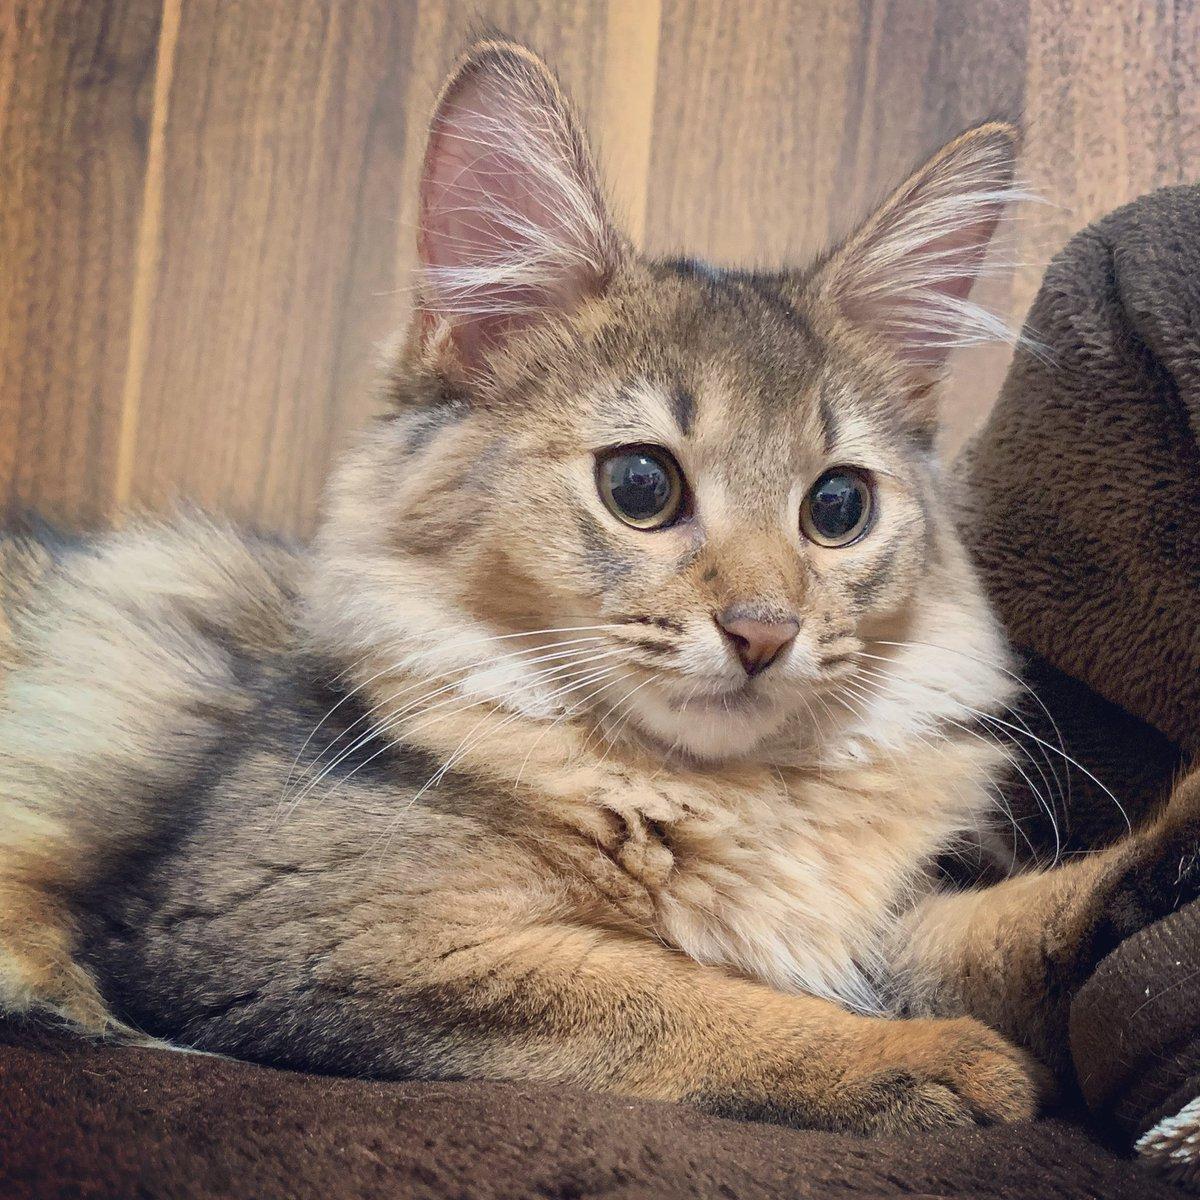 おそようございます  #猫  #ソマリ #ソマリルディ #子猫 https://t.co/BBTsPMnGBk